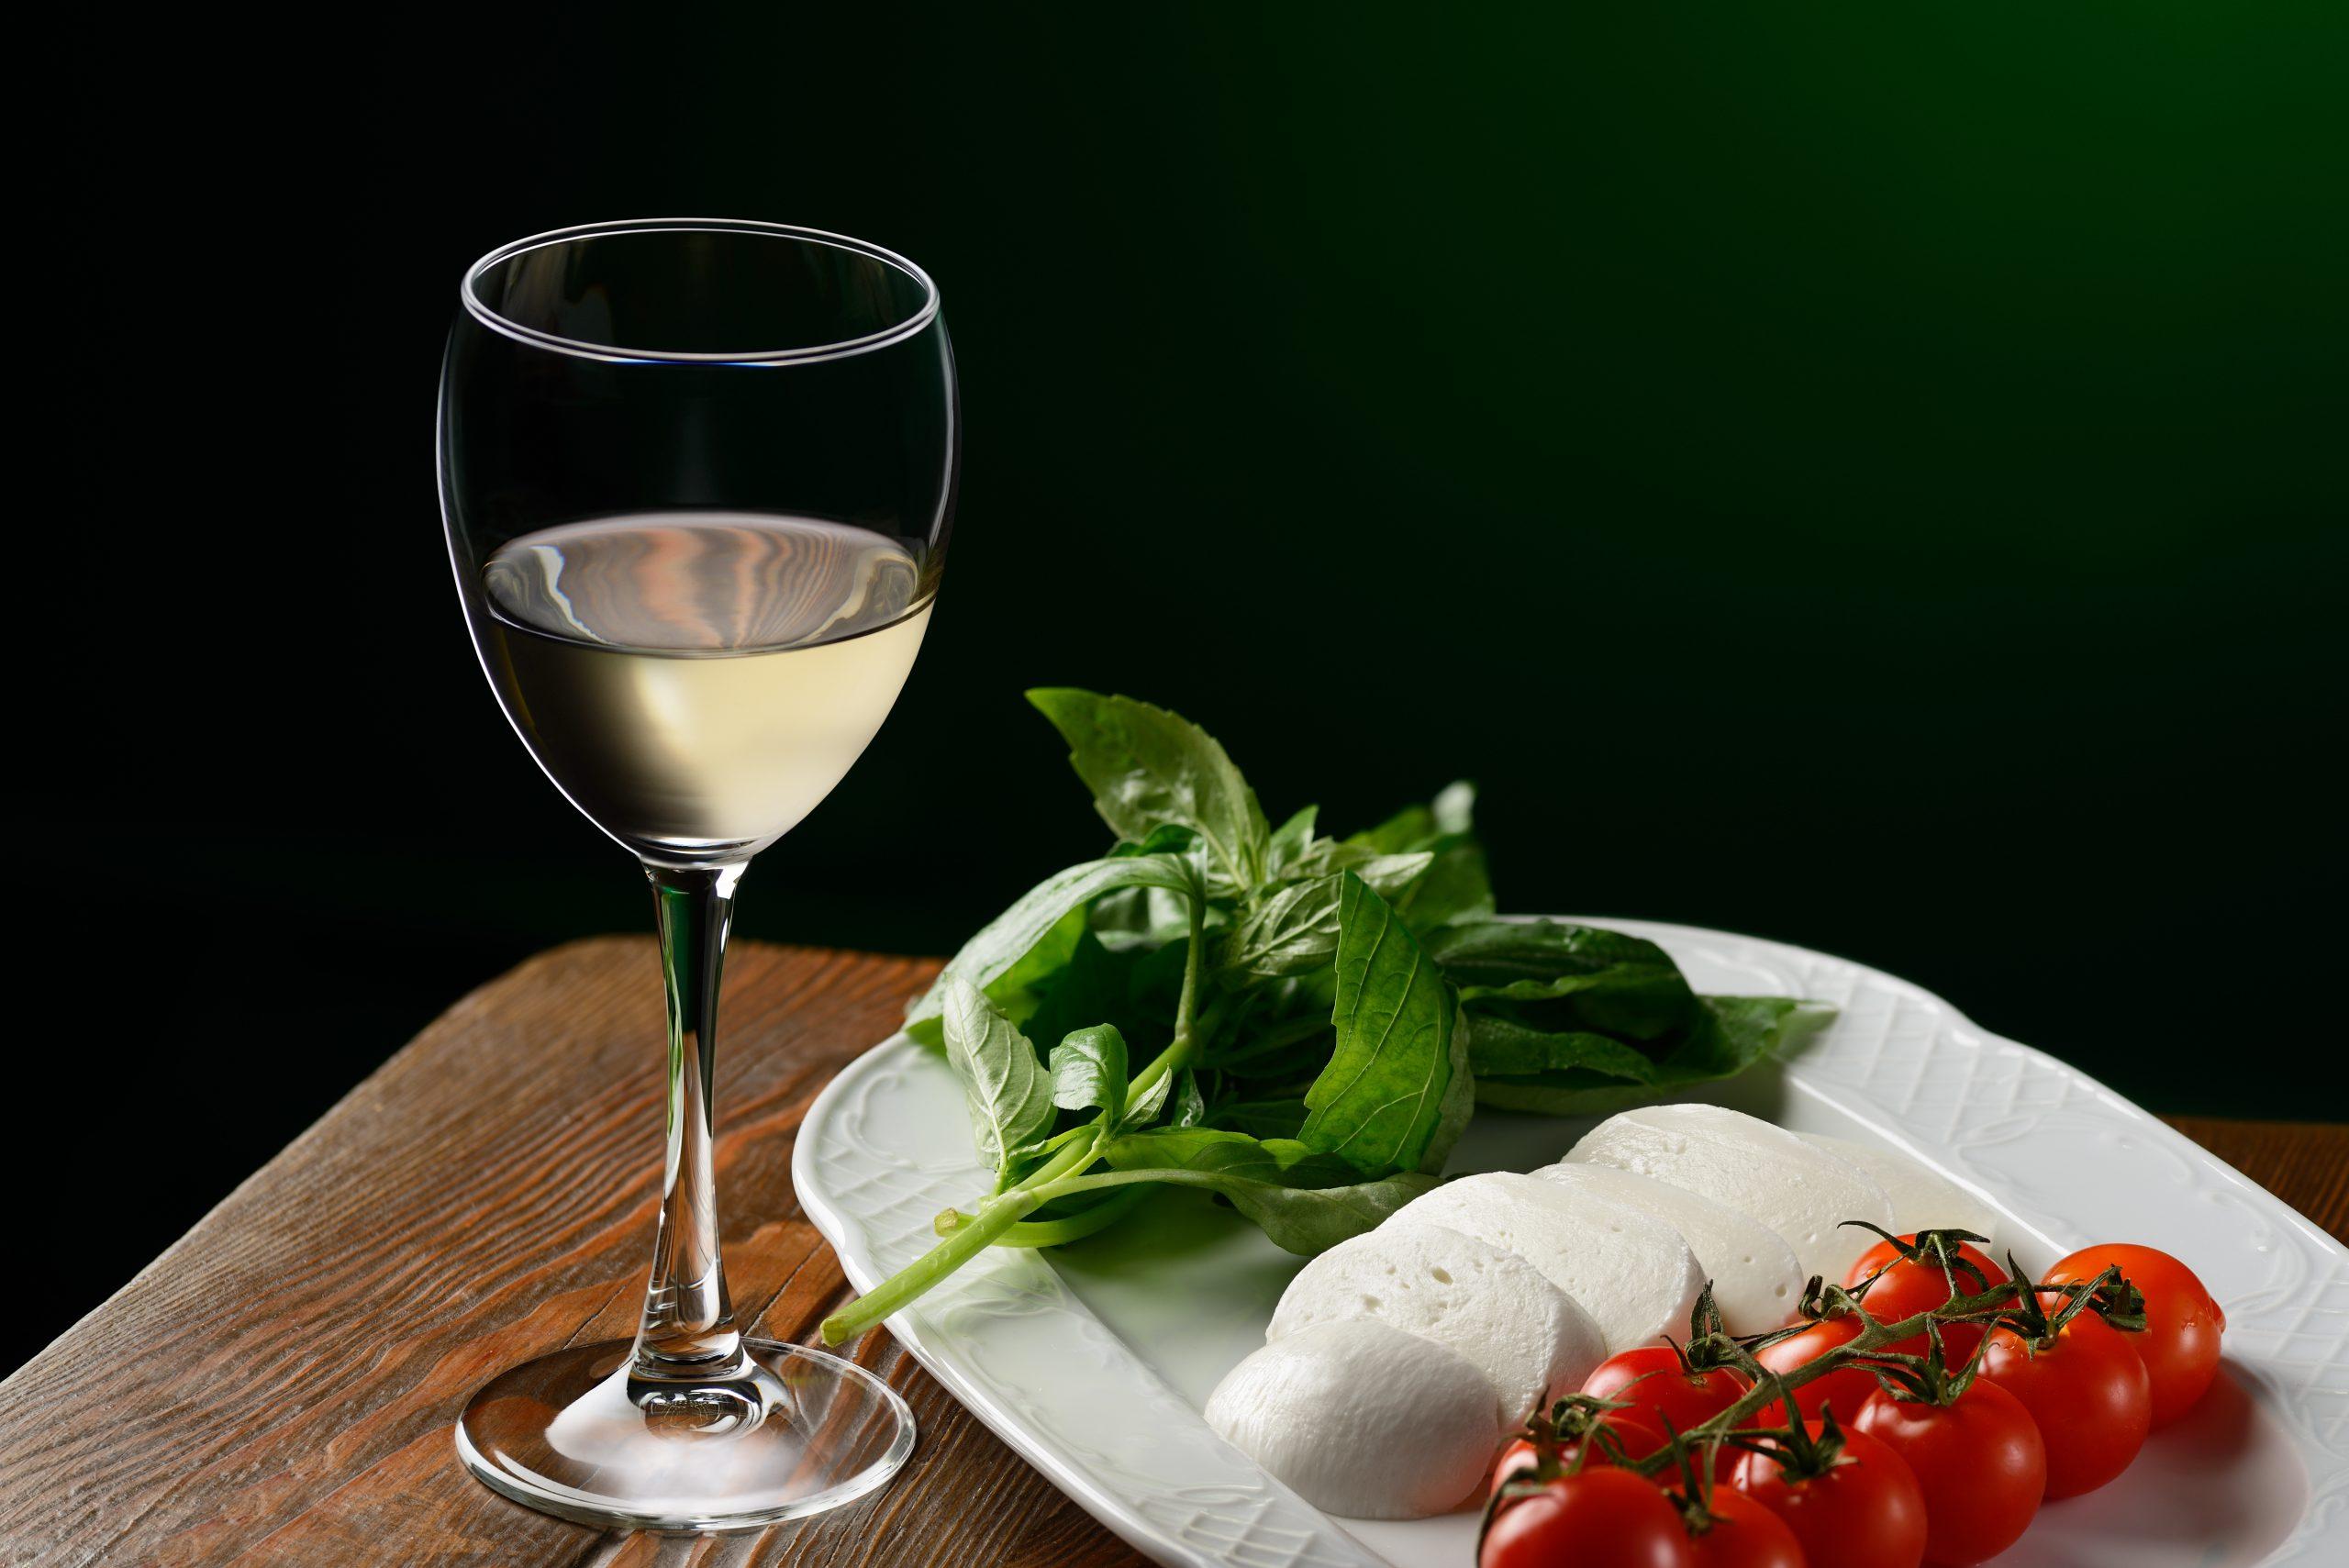 ワインと一緒に!モッツァレラチーズを使った簡単おつまみレシピを紹